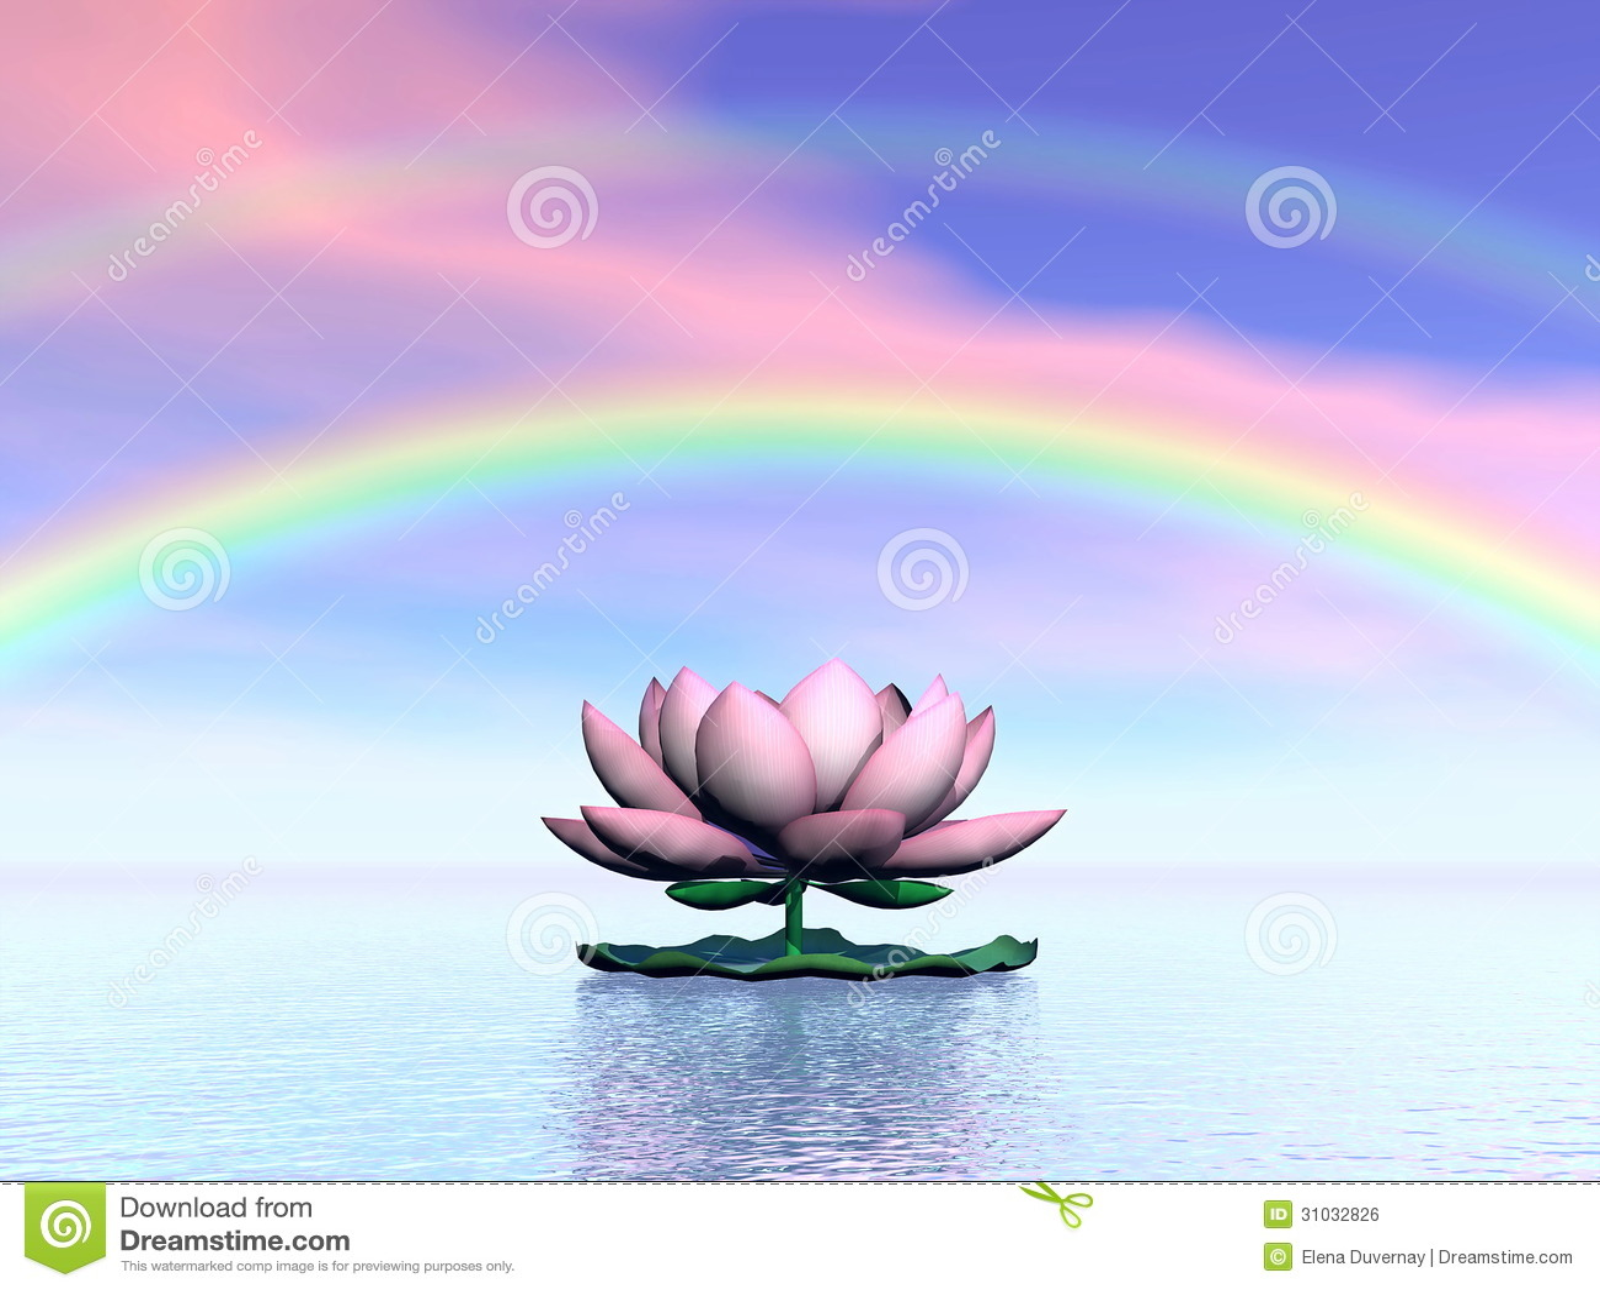 fleur de lotus sous l 39 arc en ciel 3d rendent image libre de droits image 31032826. Black Bedroom Furniture Sets. Home Design Ideas